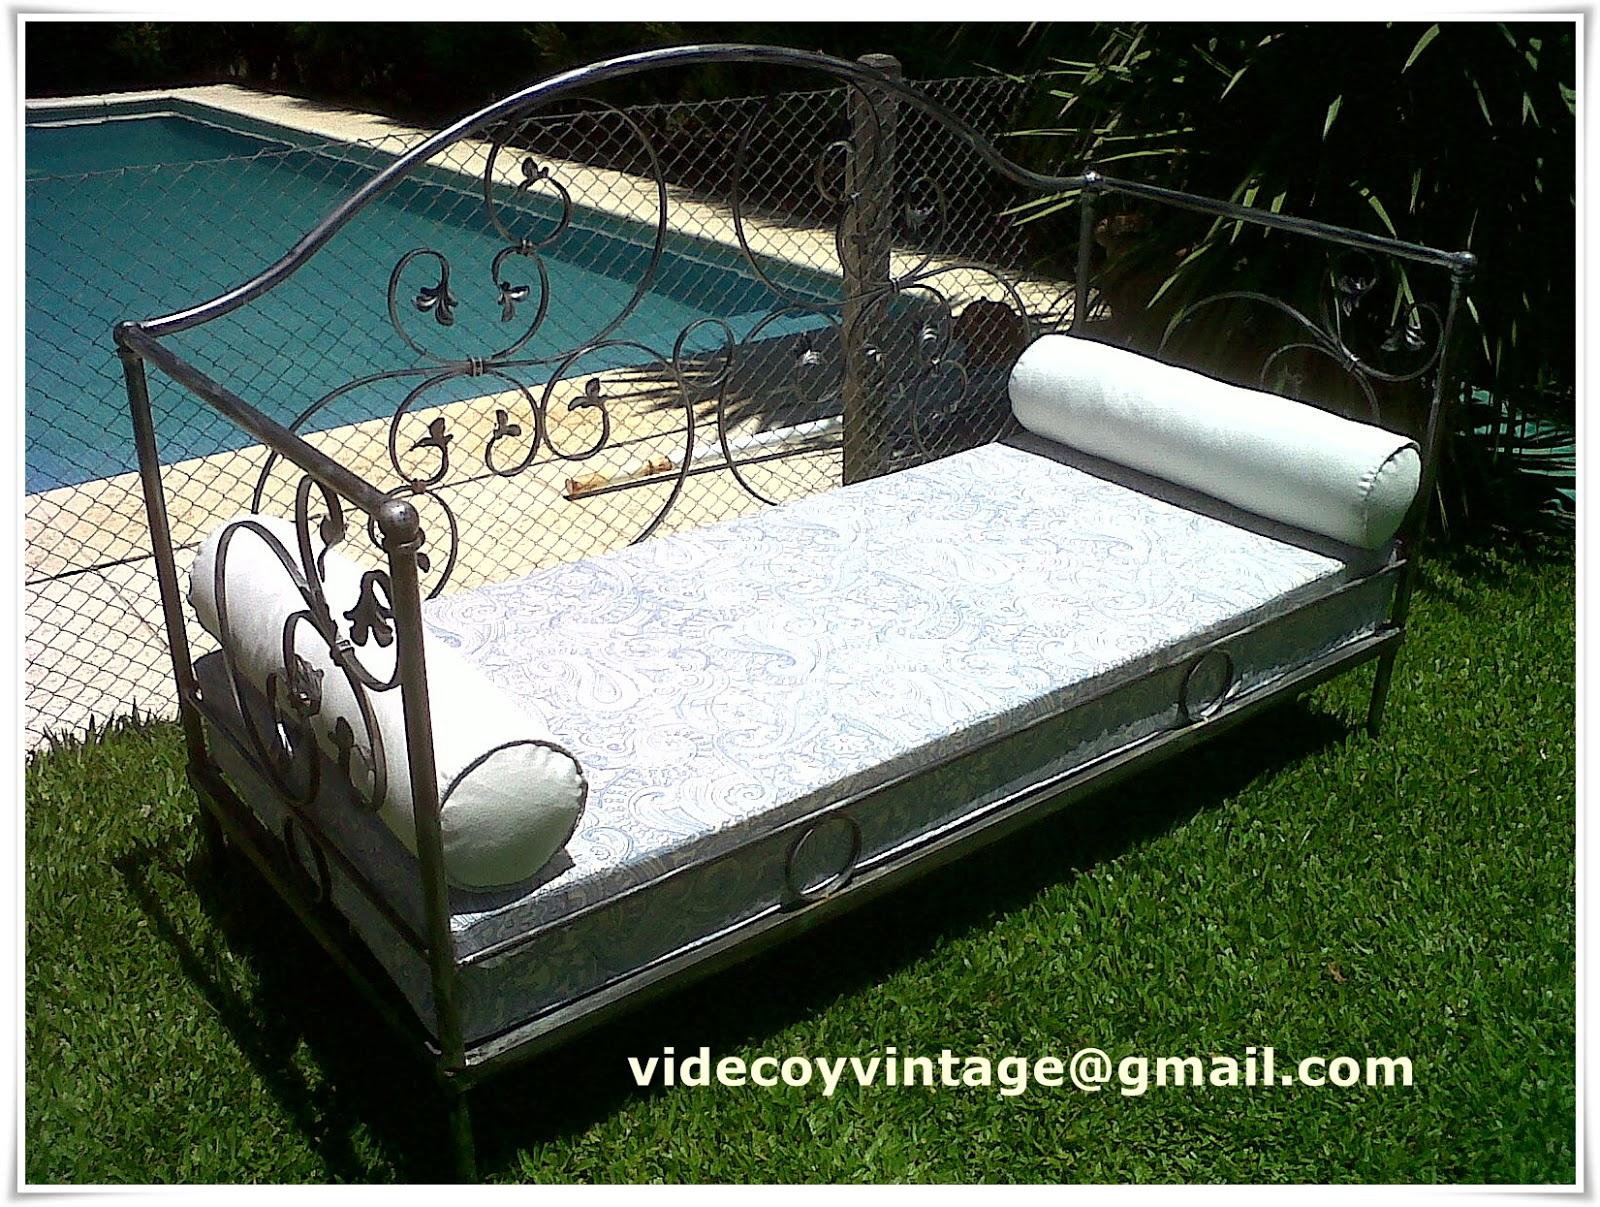 Videcoyvintage deco sillones en hierro 2da parte for Almohadones para sillones jardin